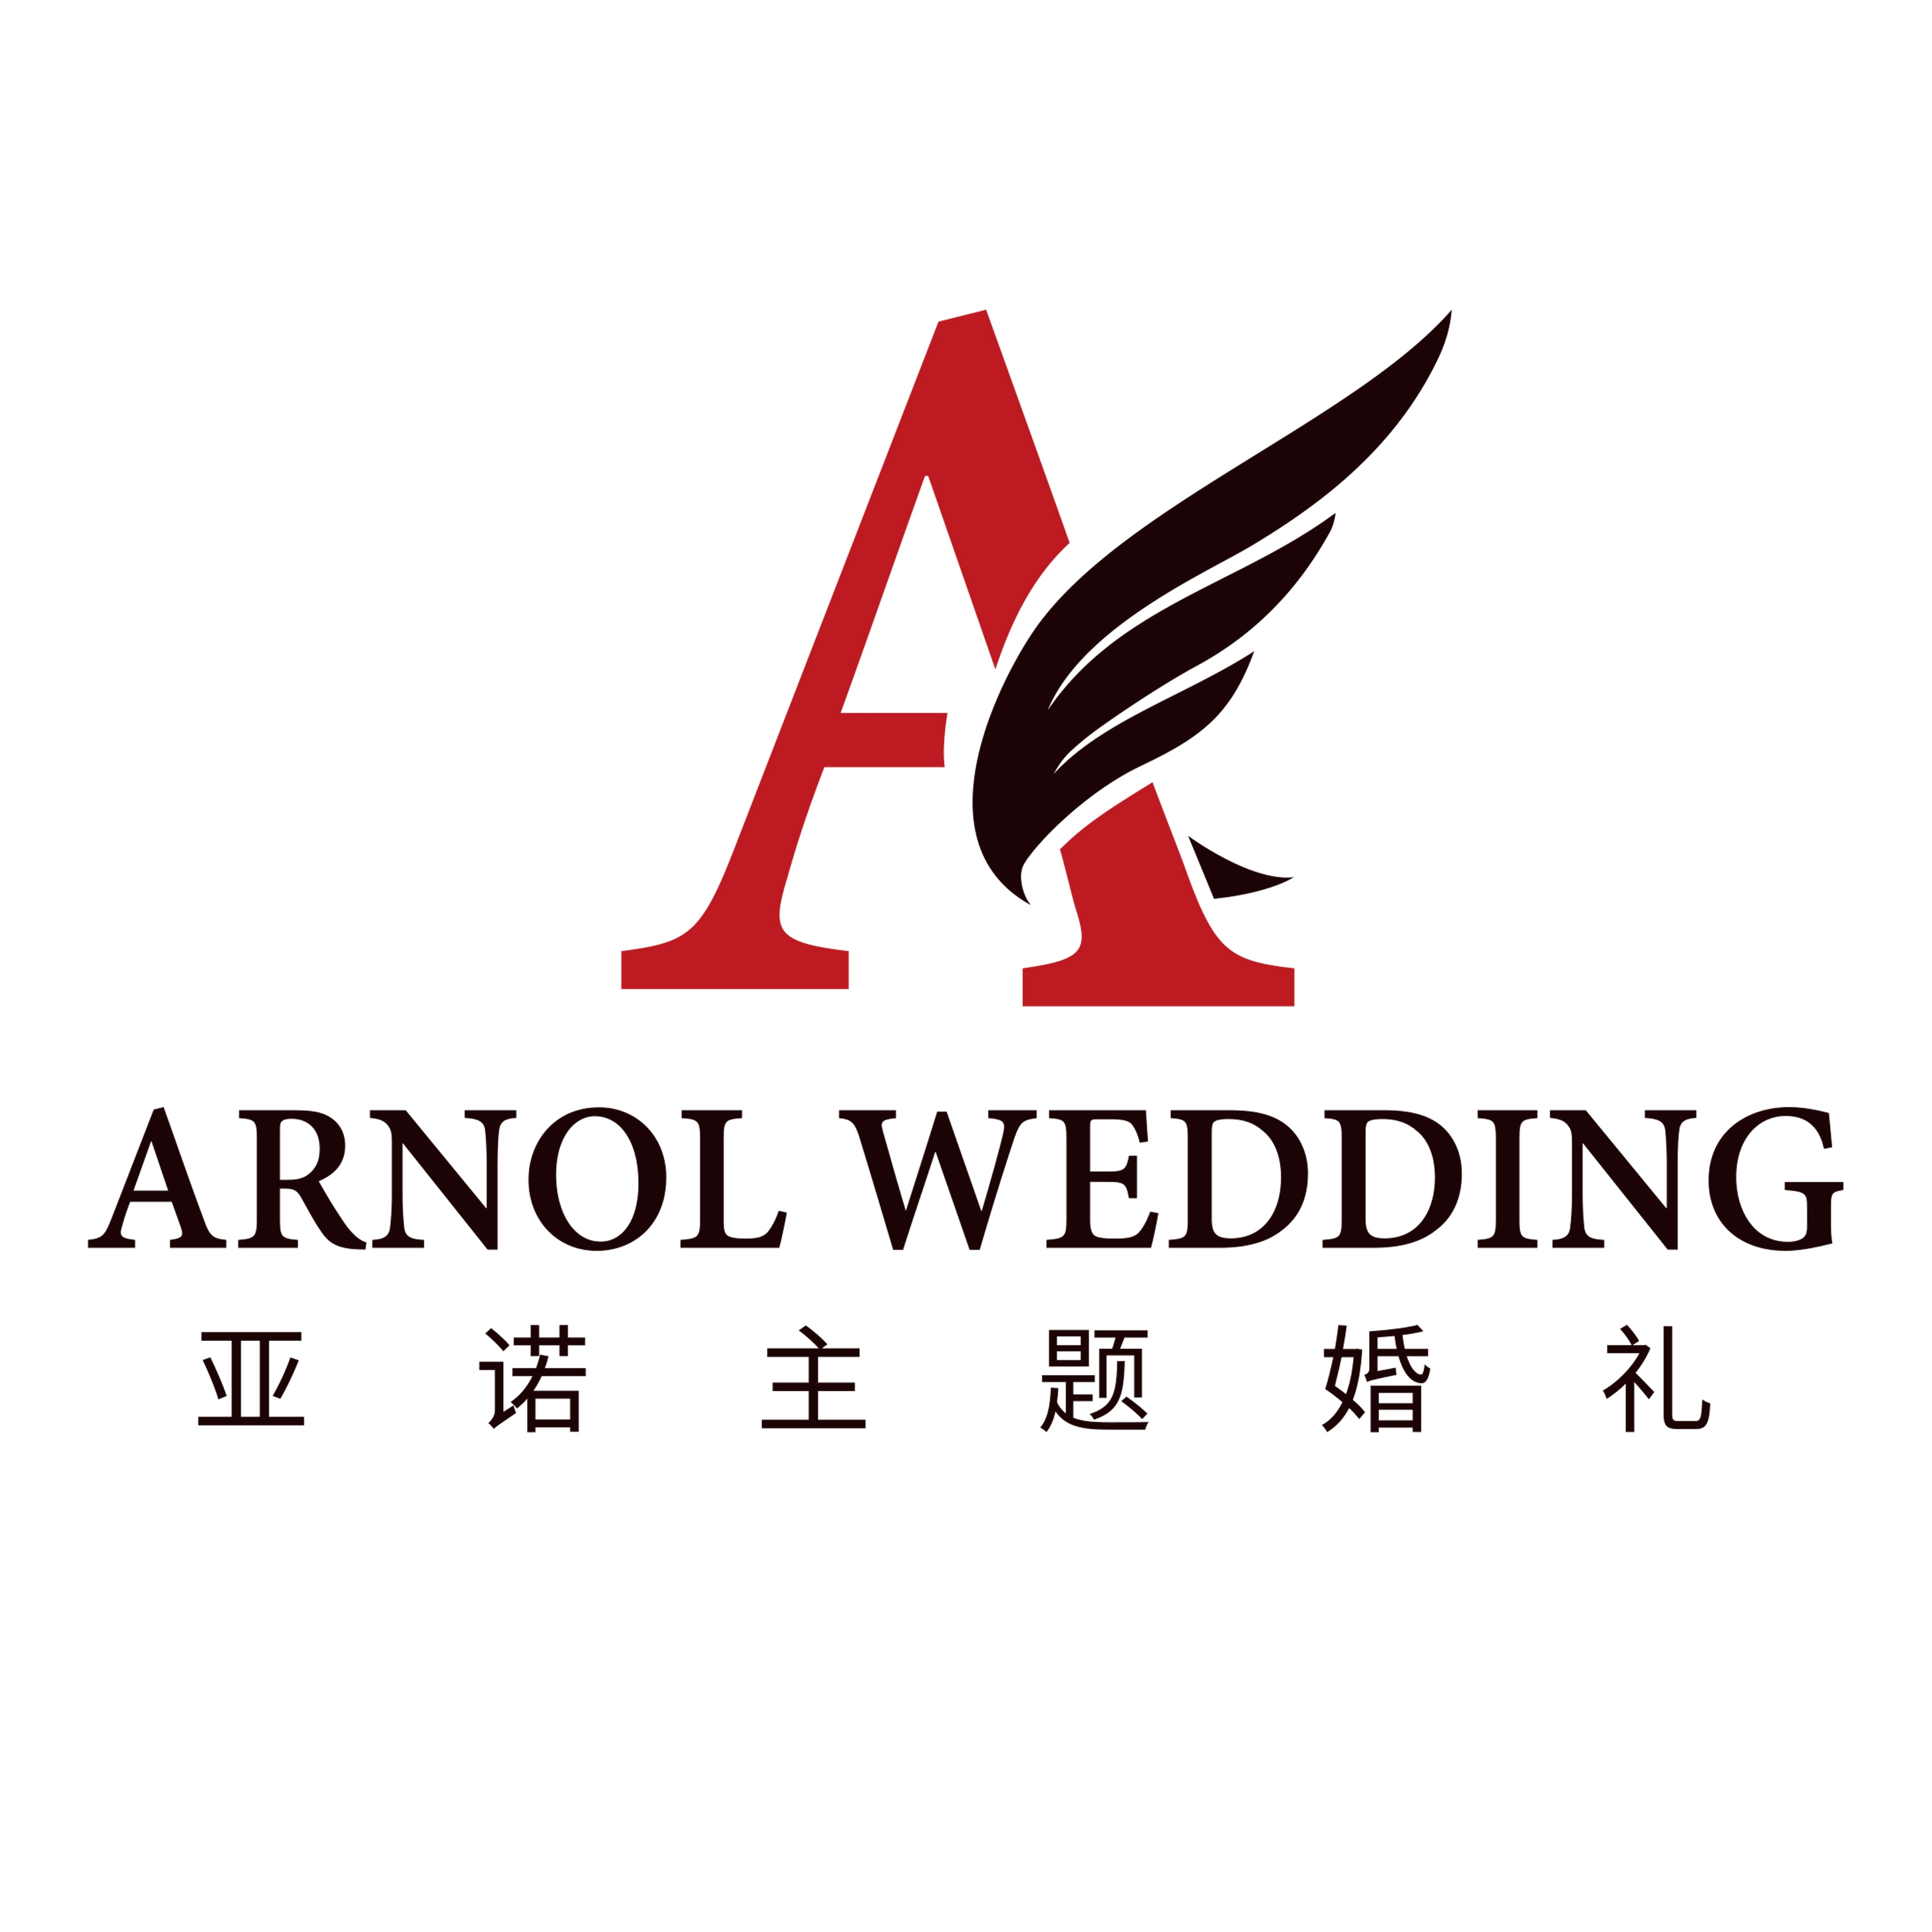 亚诺主题婚礼